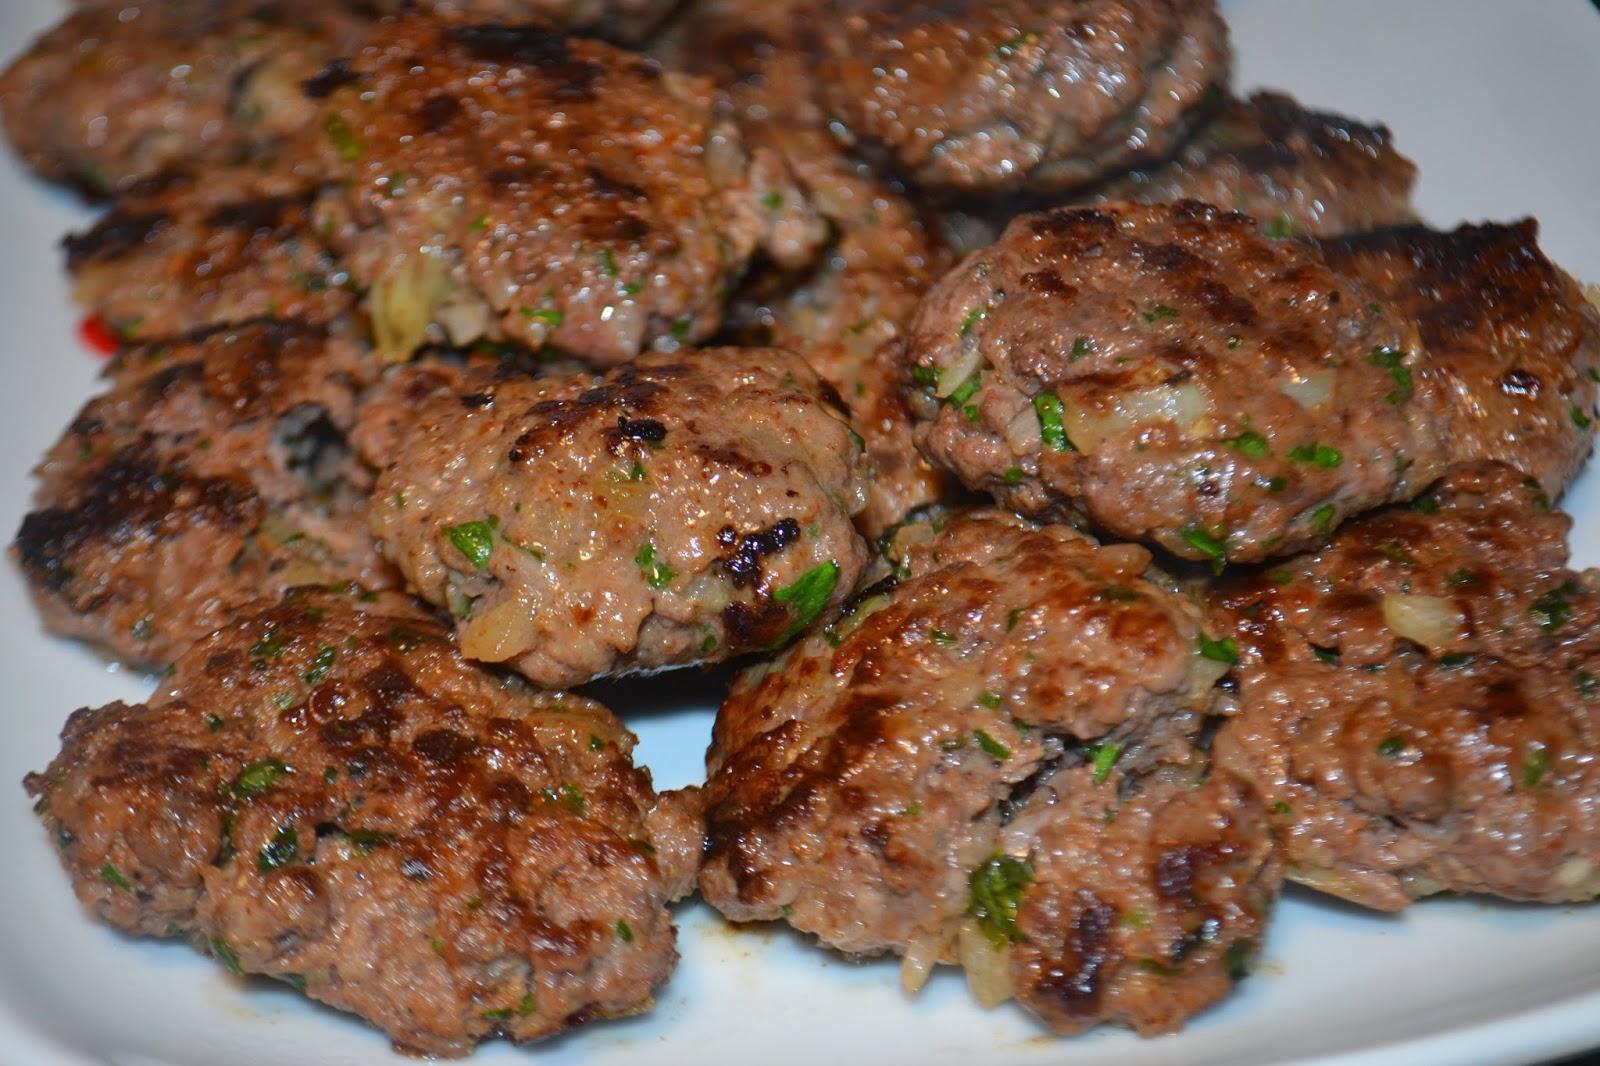 Delicias de marruecos cocina bereber kefta - Que cocinar con carne picada ...